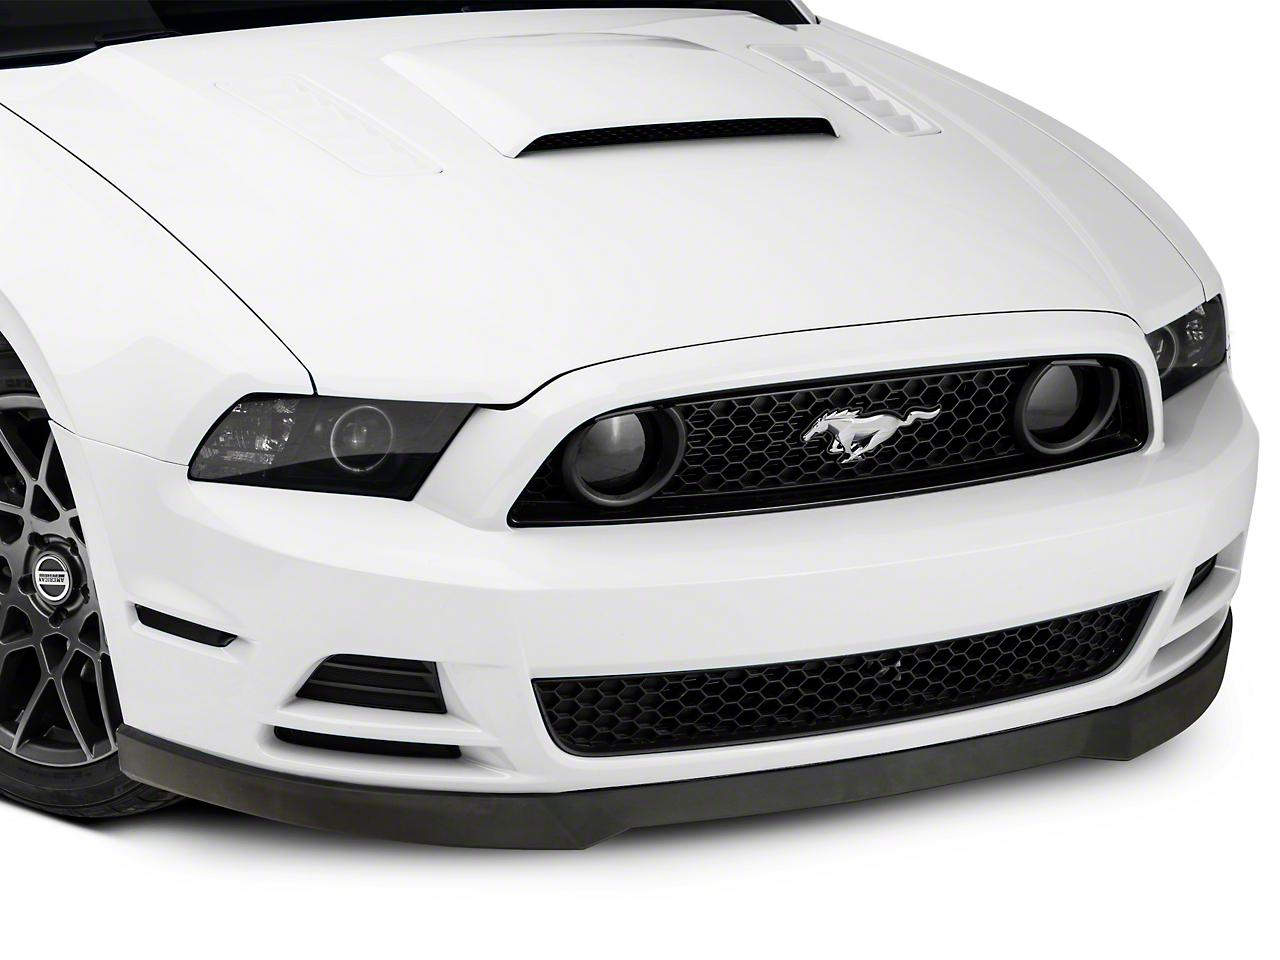 MMD Chin Spoiler (13-14 GT, V6)